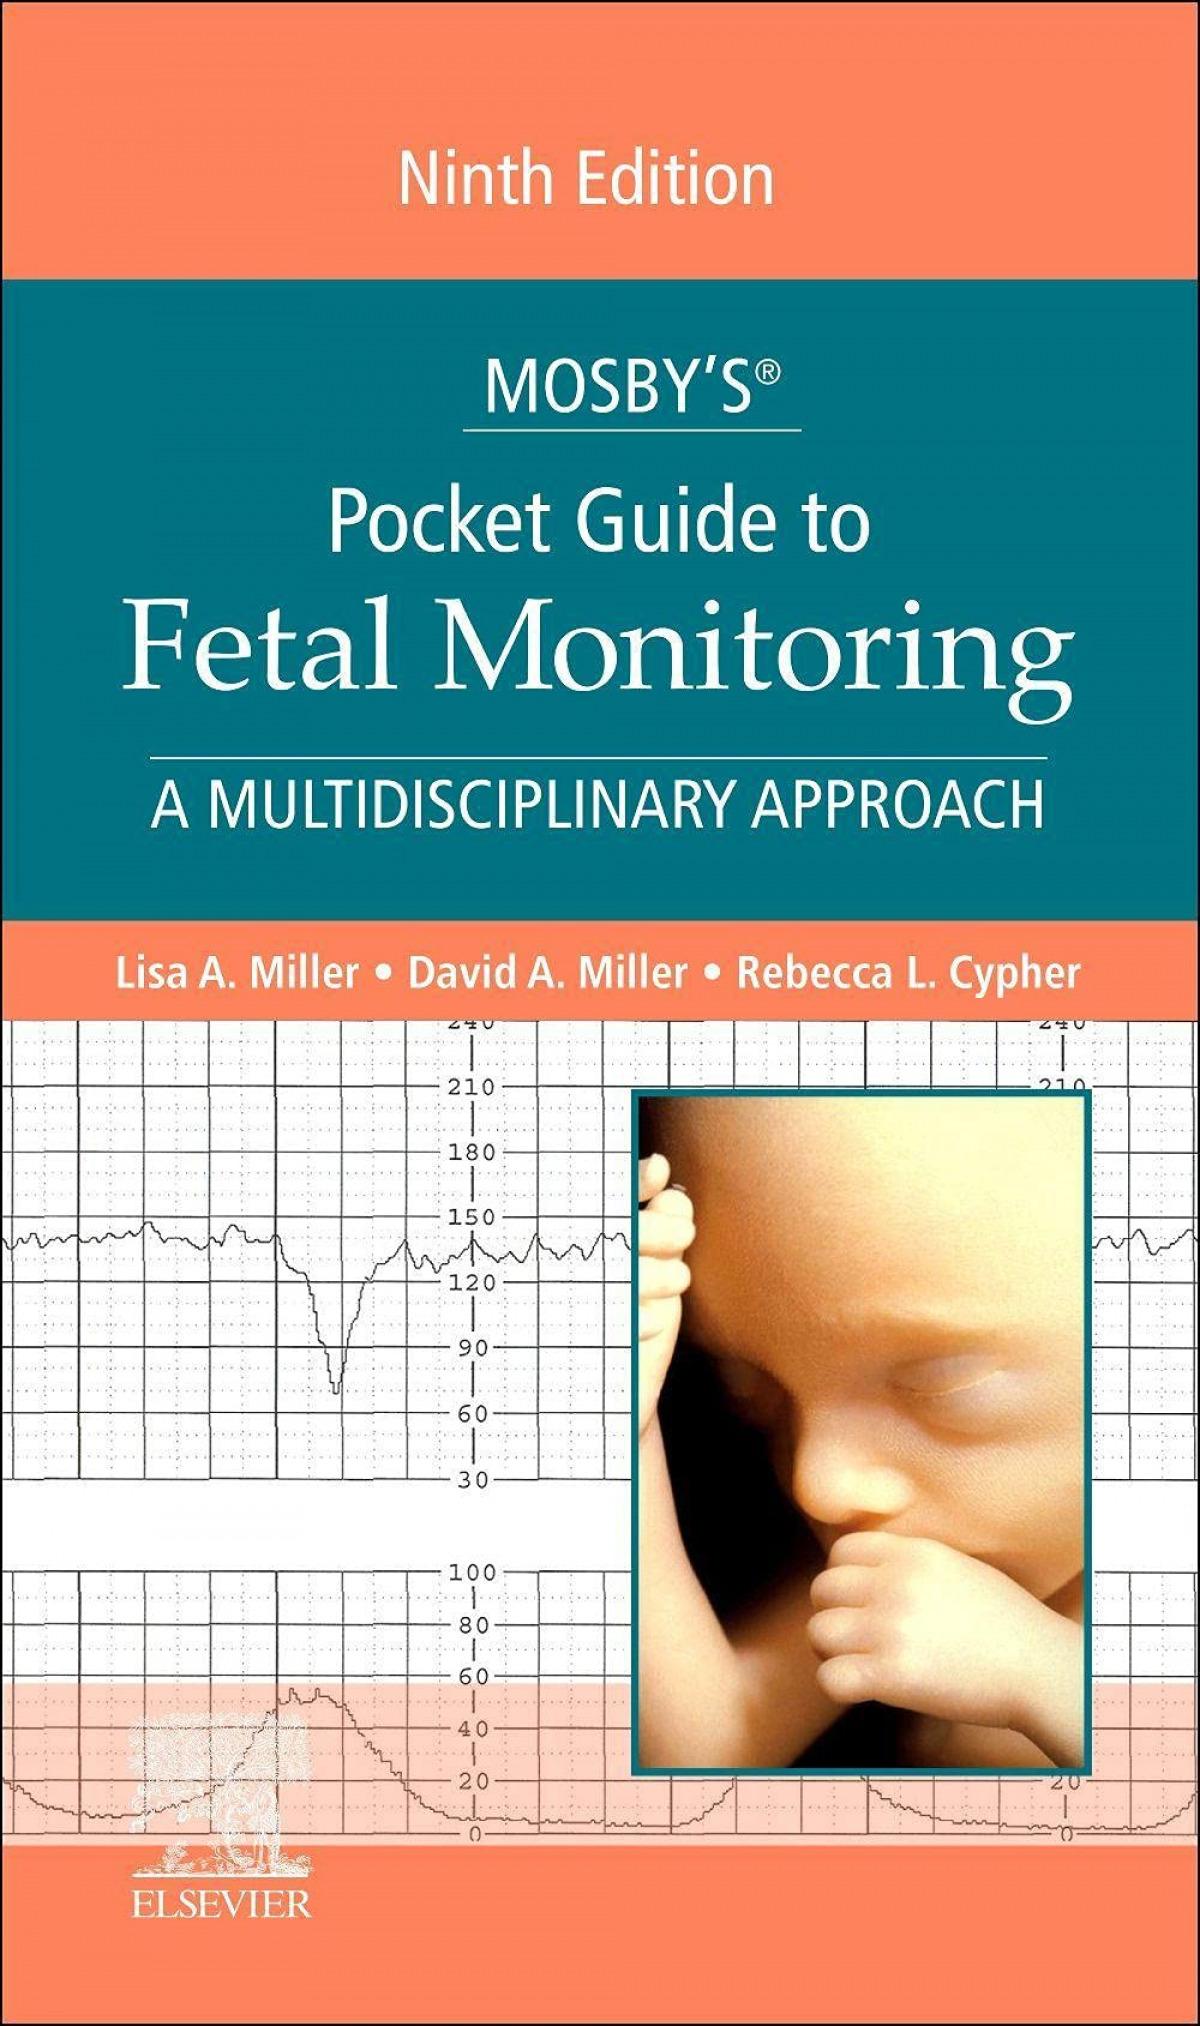 Pocket guide to fetal monitoring: a multidisciplinary